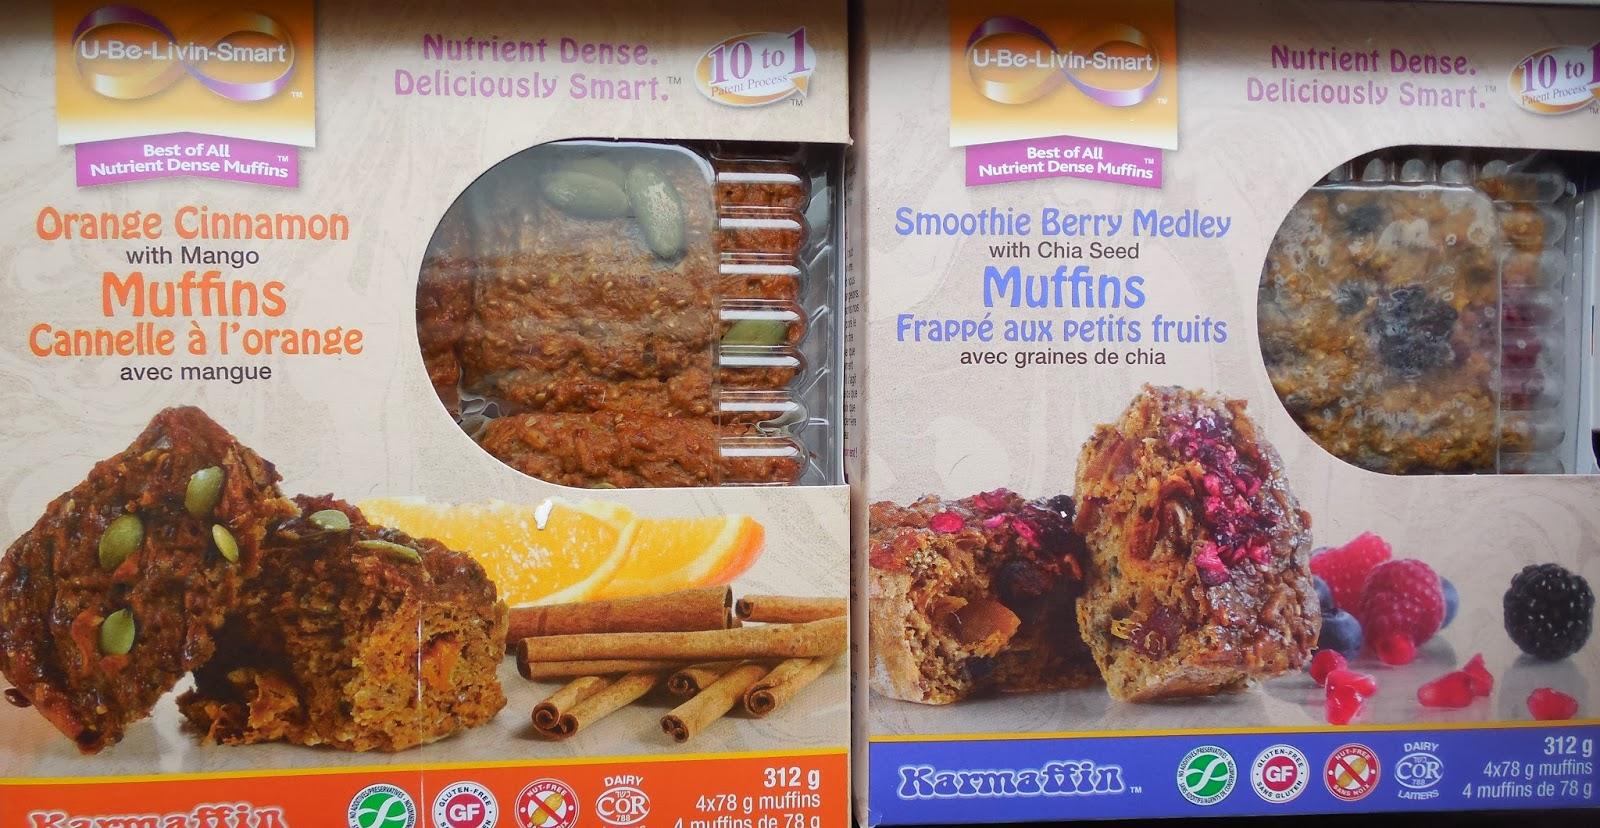 U-Be-Livin-Smart Muffins